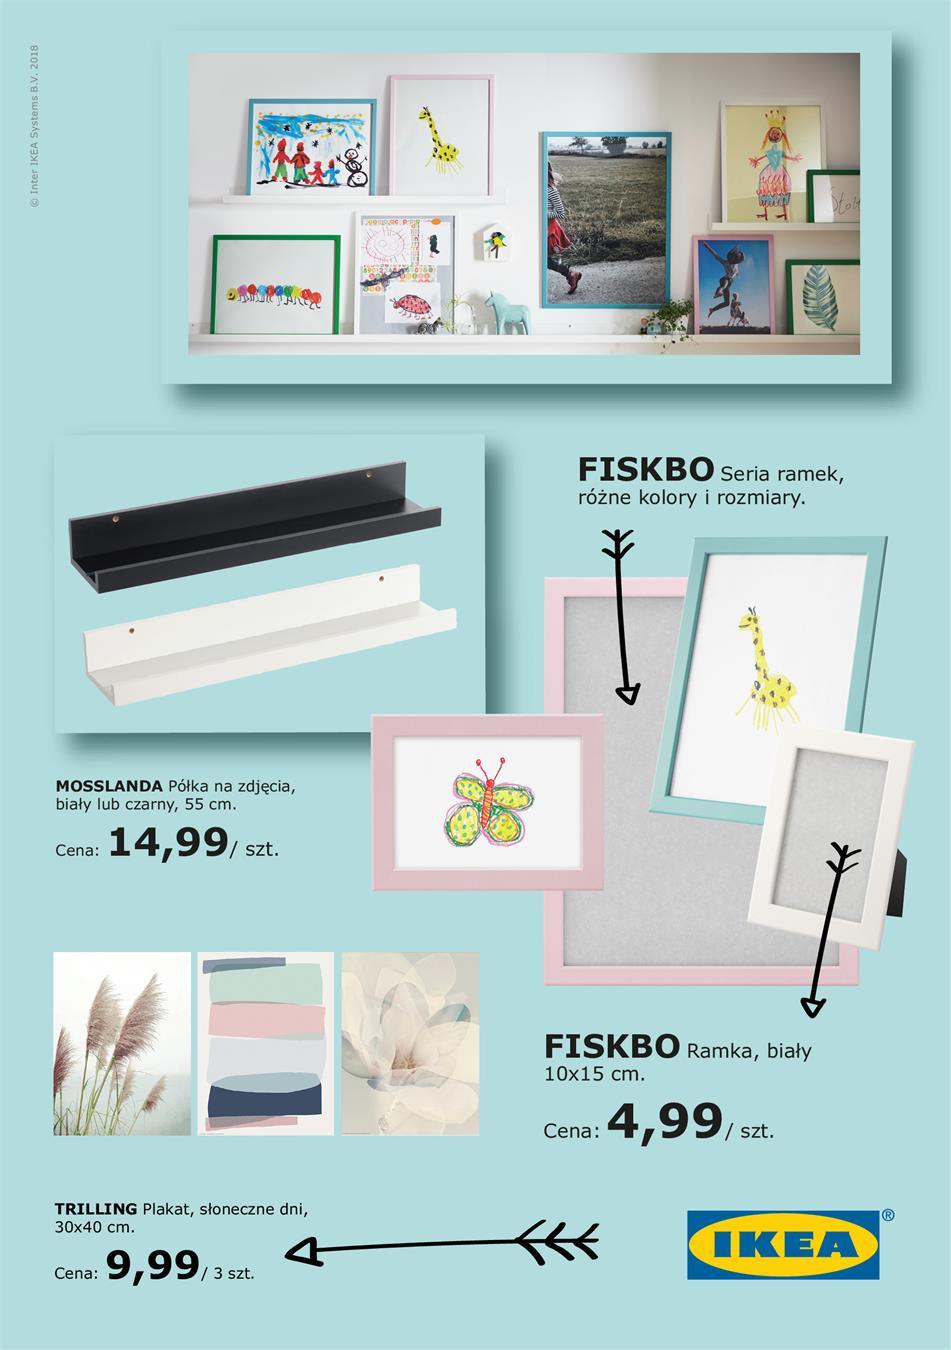 Gazetka Promocyjna Ikeacom Pl Ikea Promocje Lipiec